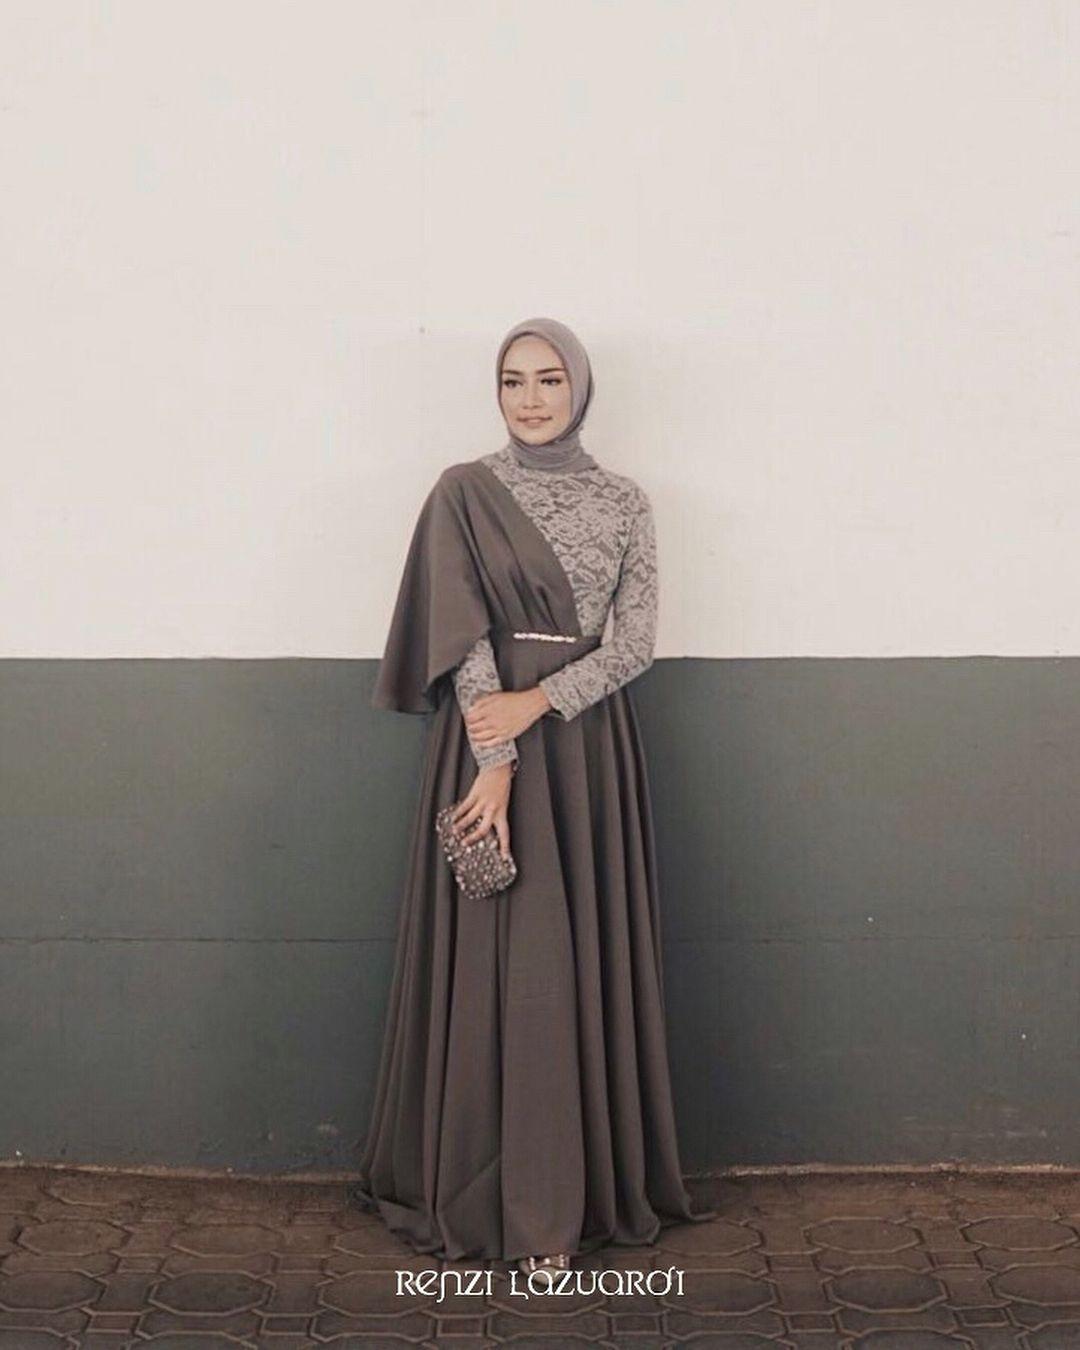 baju kondangan simple hijab dengan model maxi dress